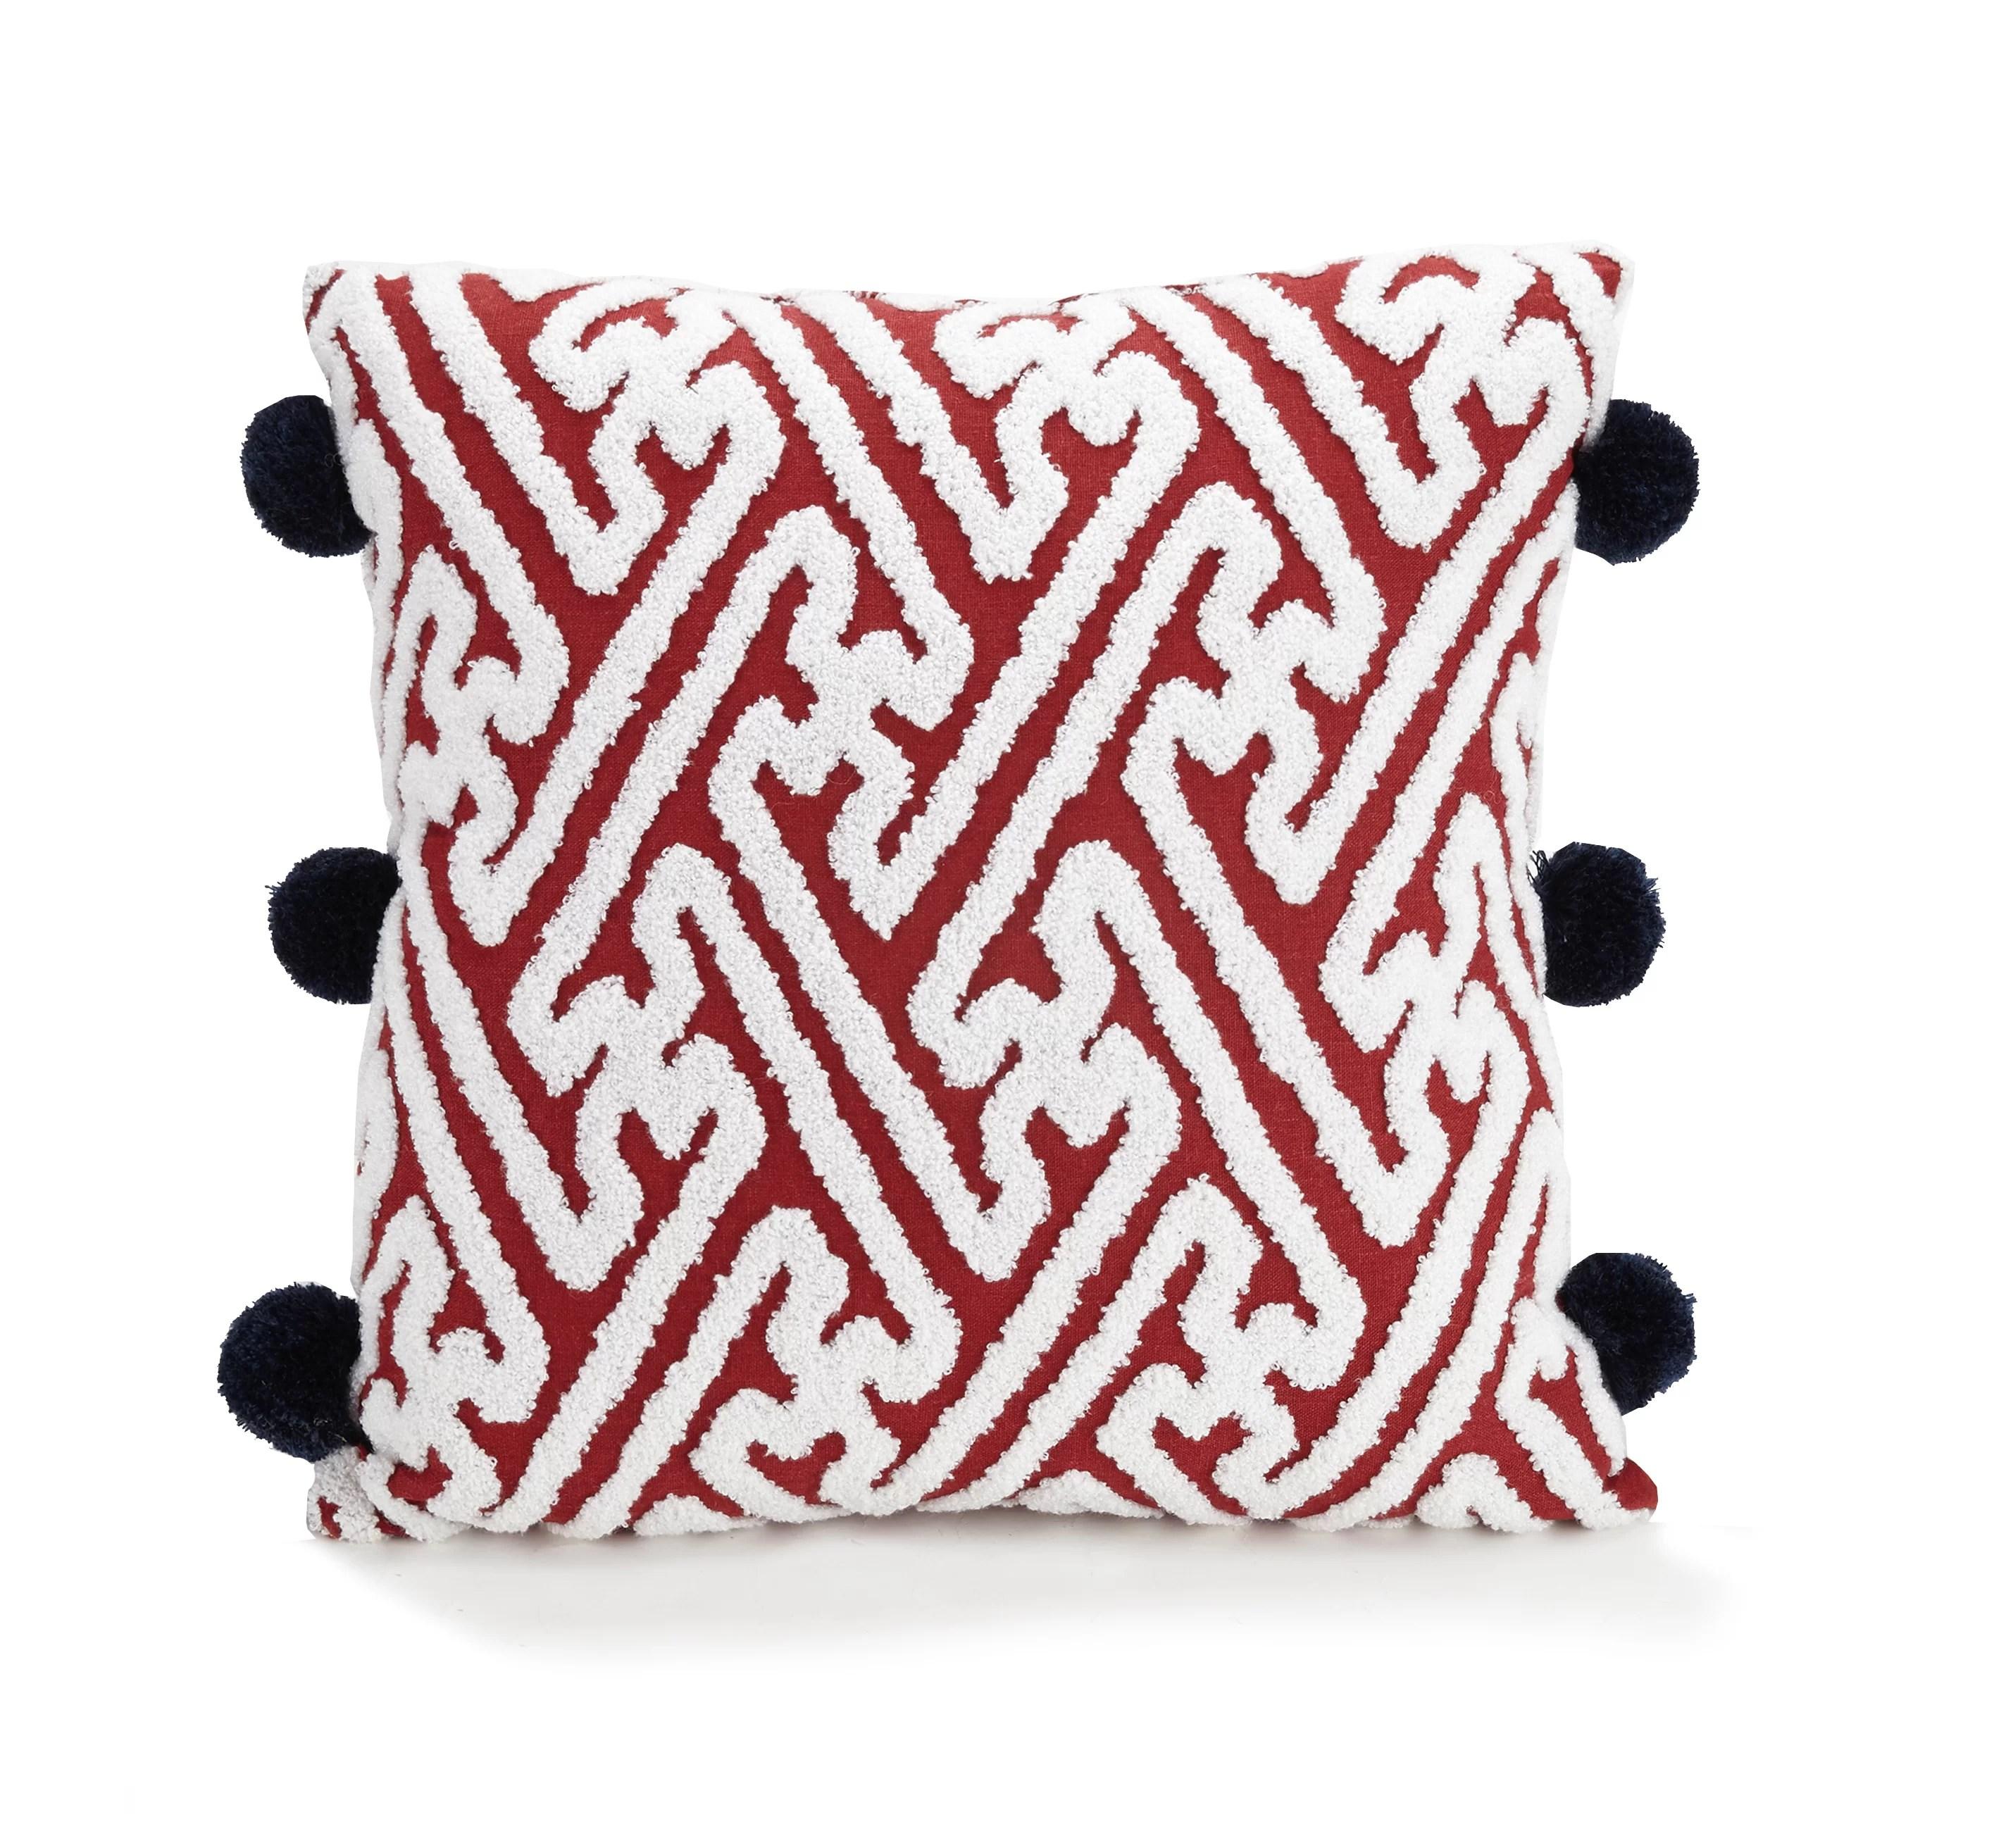 verbena pom pom throw pillow